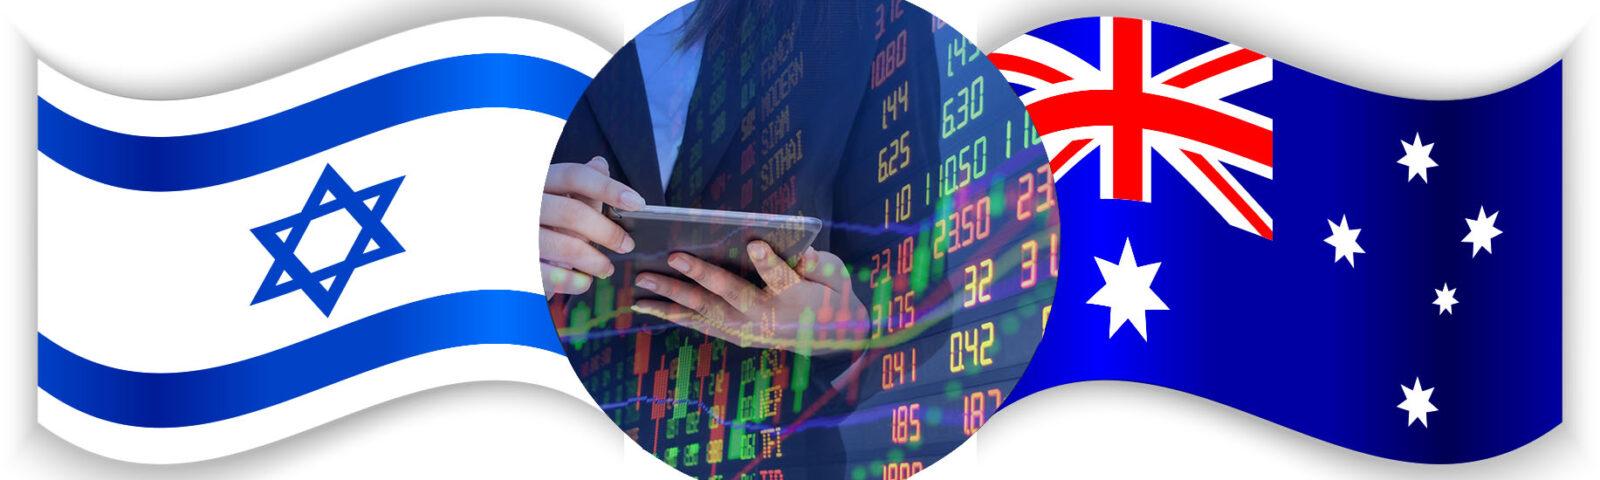 ה-ASX מכירה ברישום למסחר בתל אביב לשם הנפקות משניות